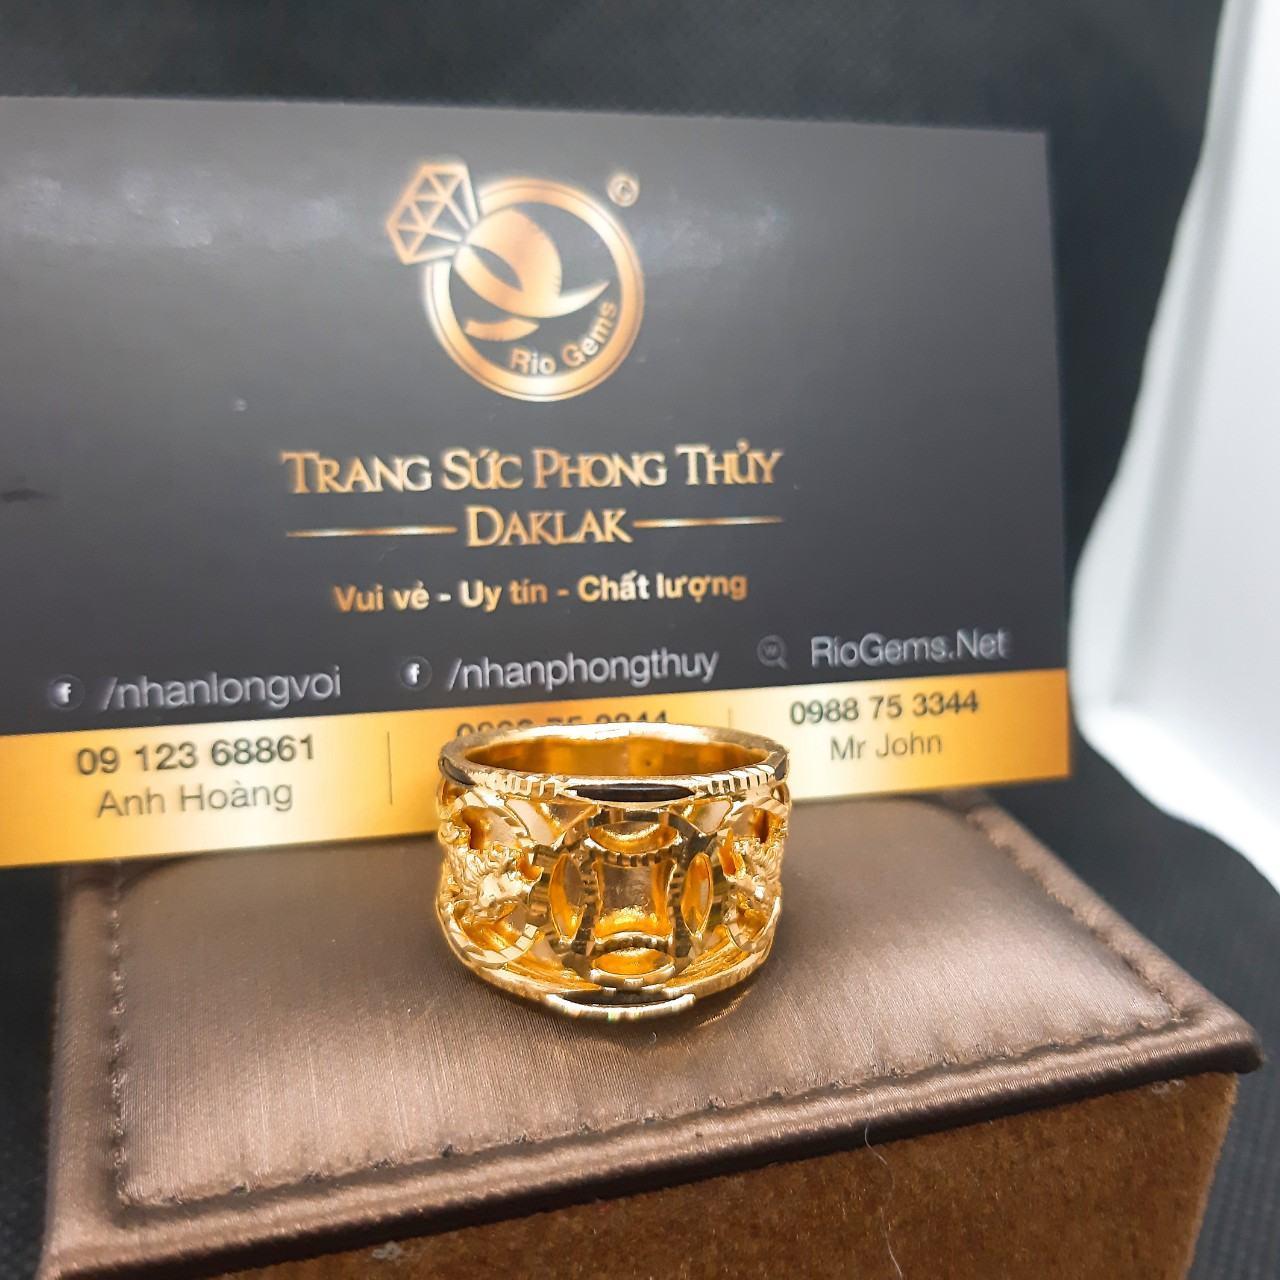 Nhẫn lông voi phong thủy 2 rồng 1 đồng tiền vàng Ý Riogems